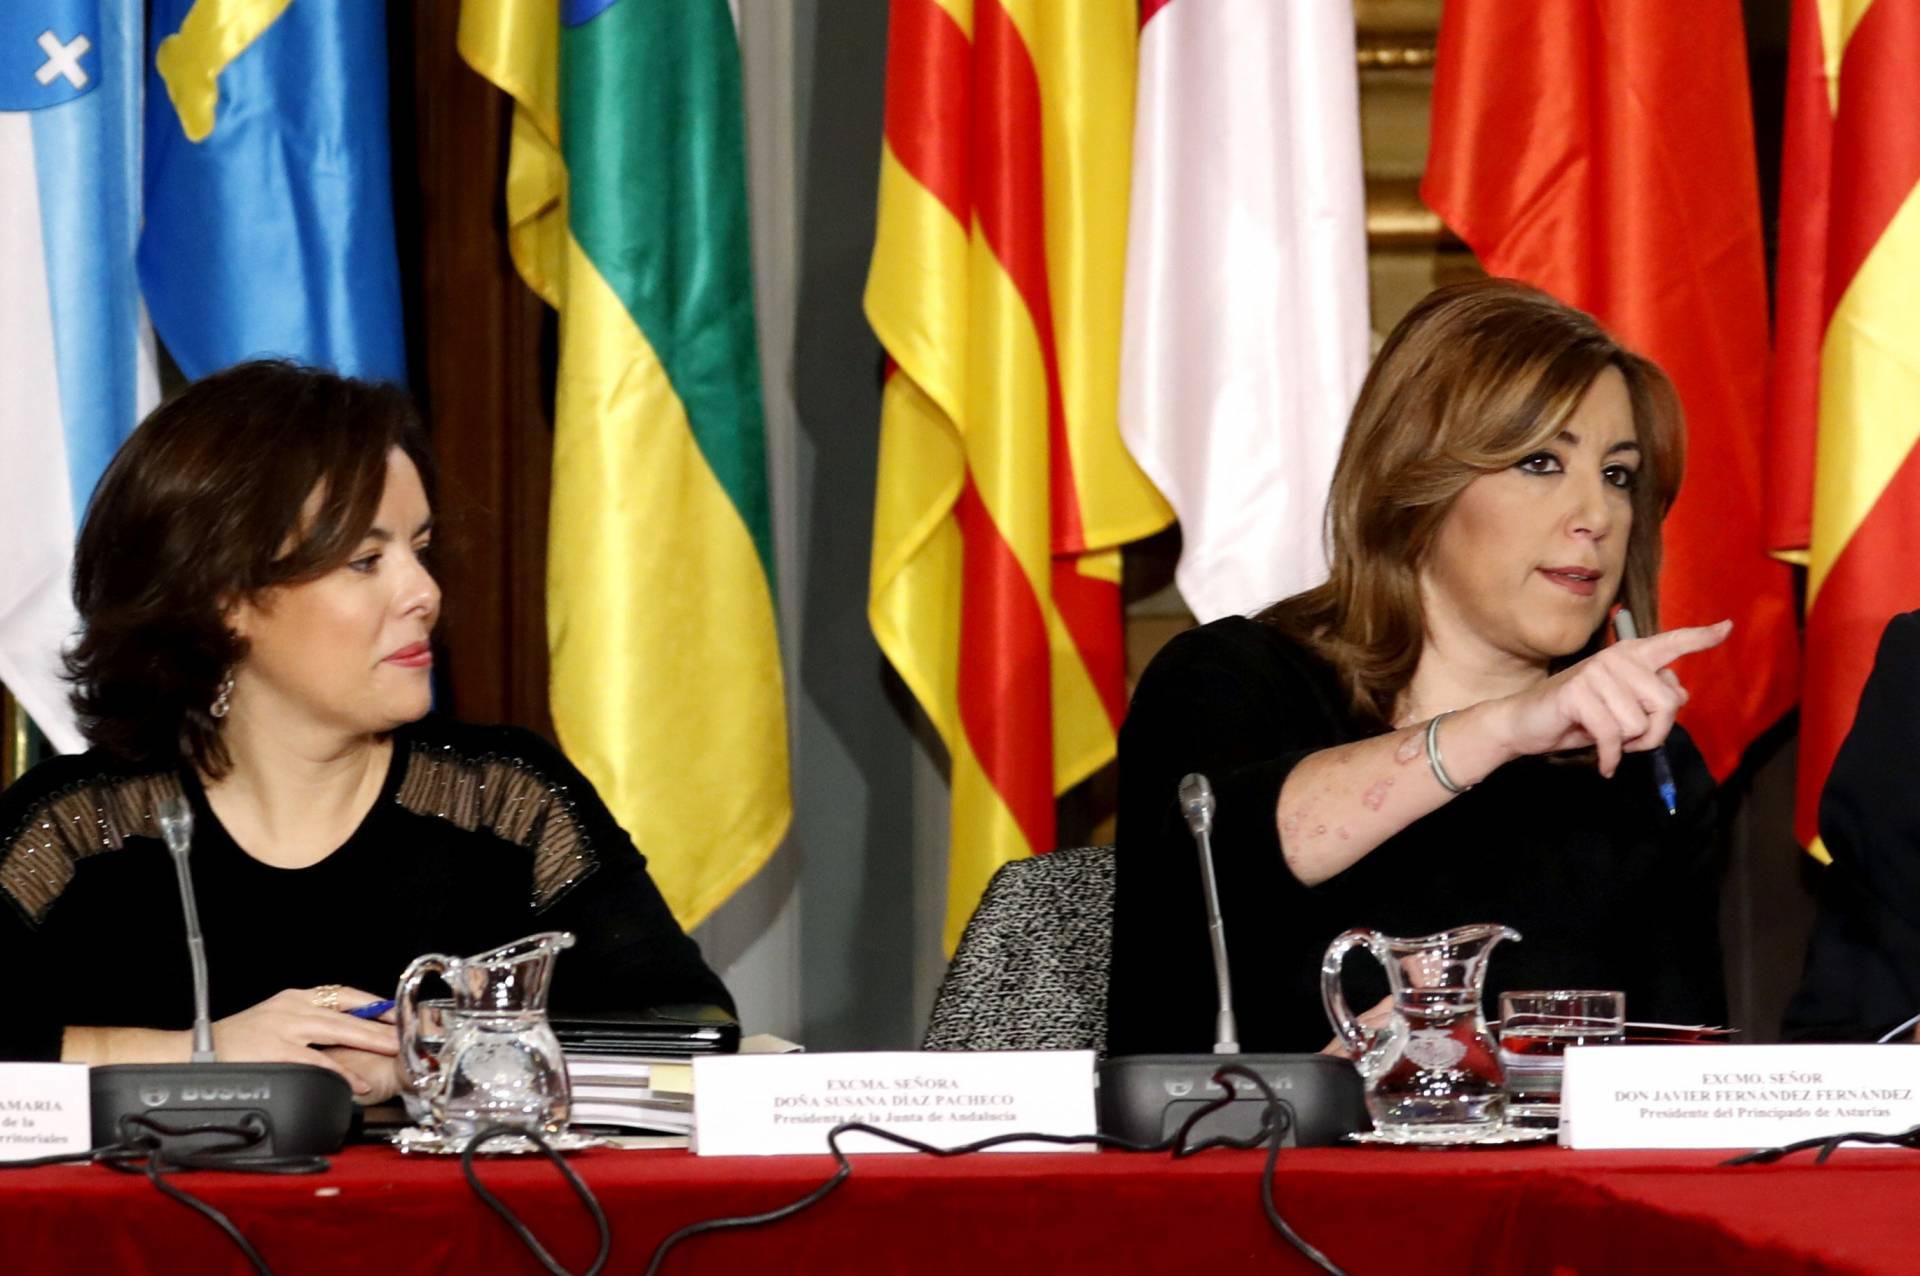 Conferencia de Presidentes. Soraya Saenz de Santamaria y Susana Diaz